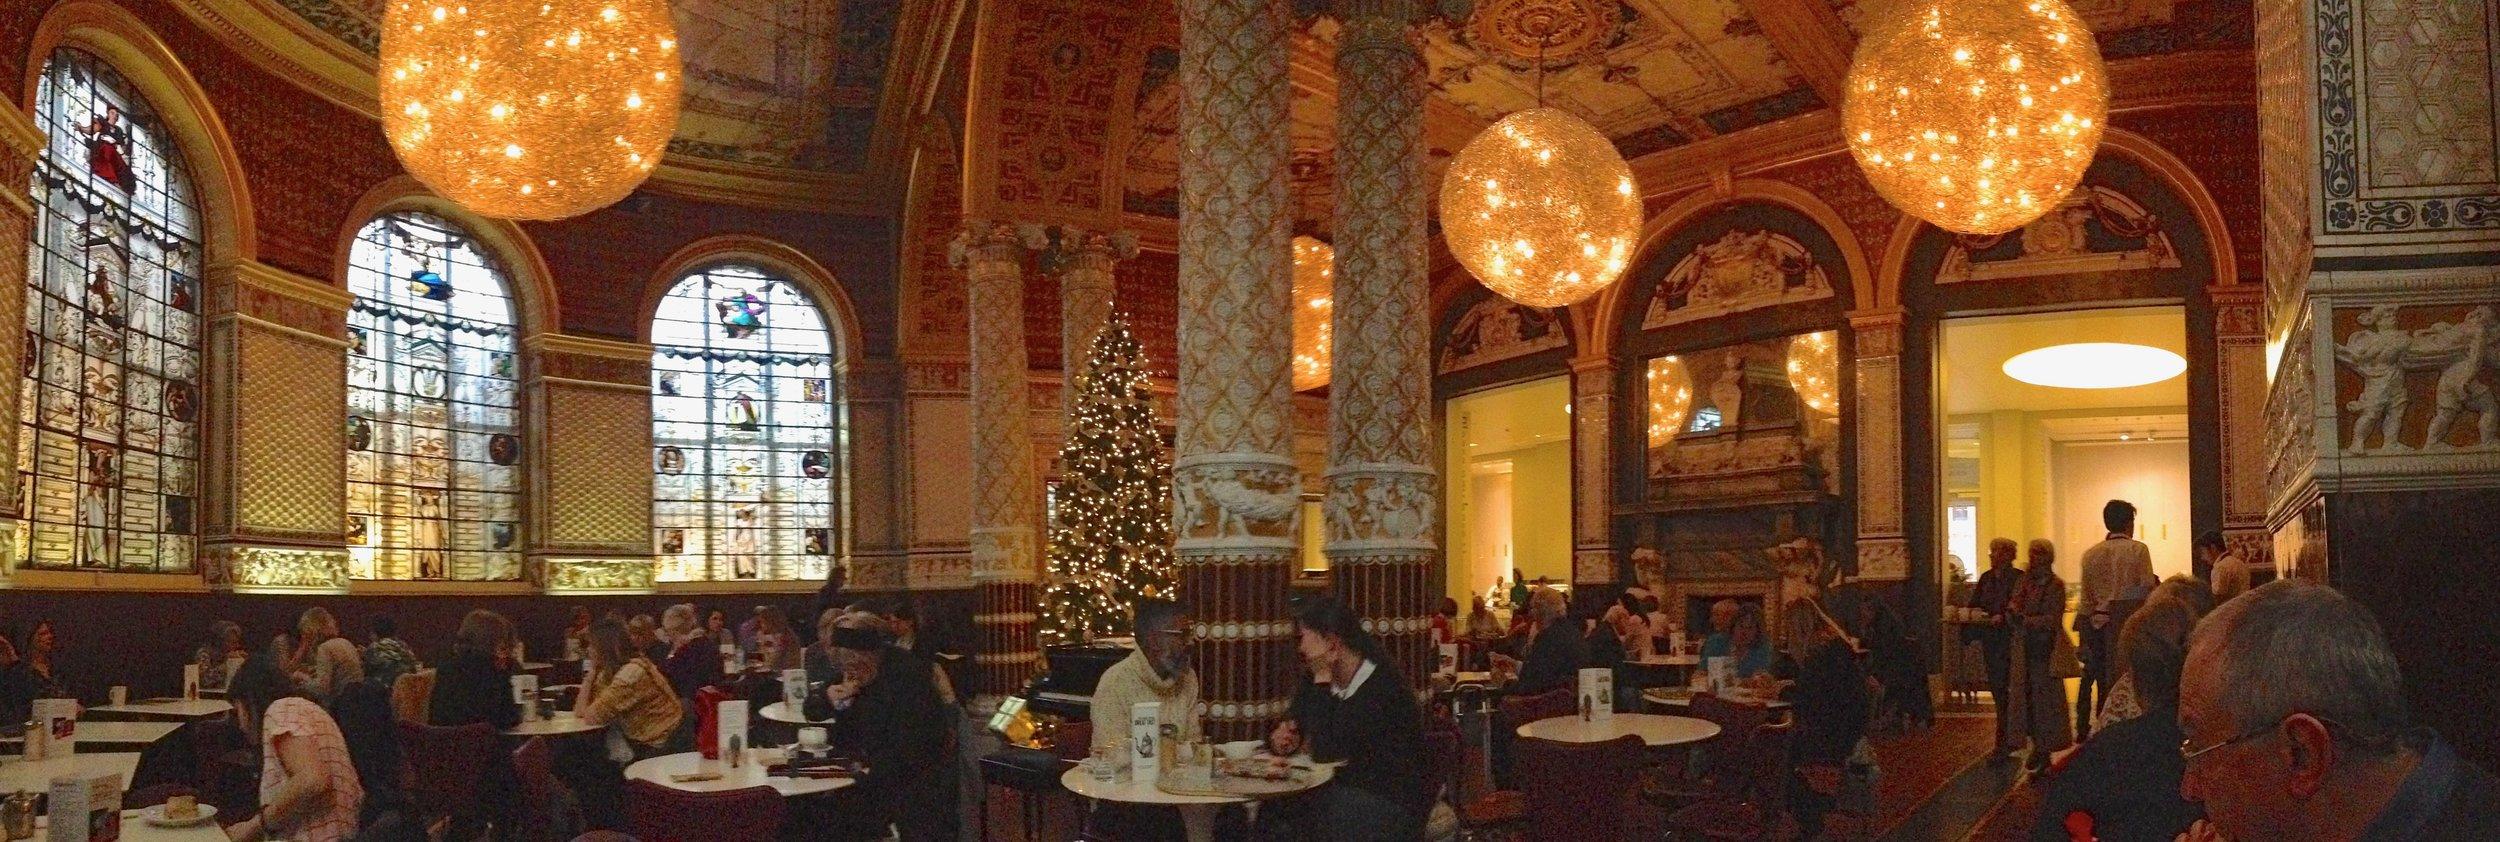 The Victorian & Albert Tearooms, London